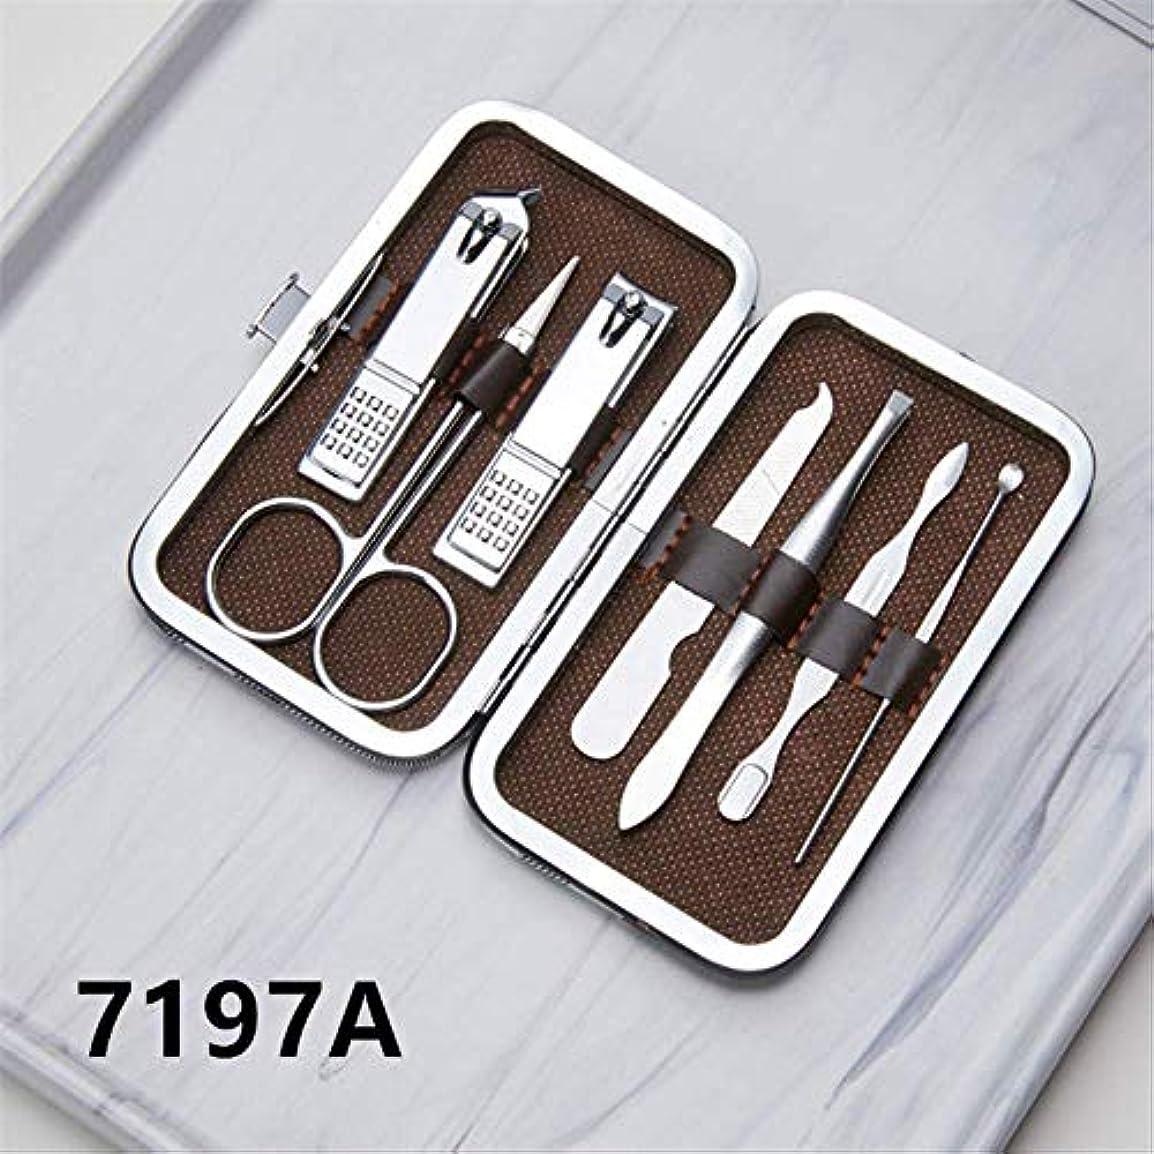 引き渡すミュウミュウ相対性理論爪切りセット16ピースペディキュアナイフ美容プライヤー爪ツール 7197A